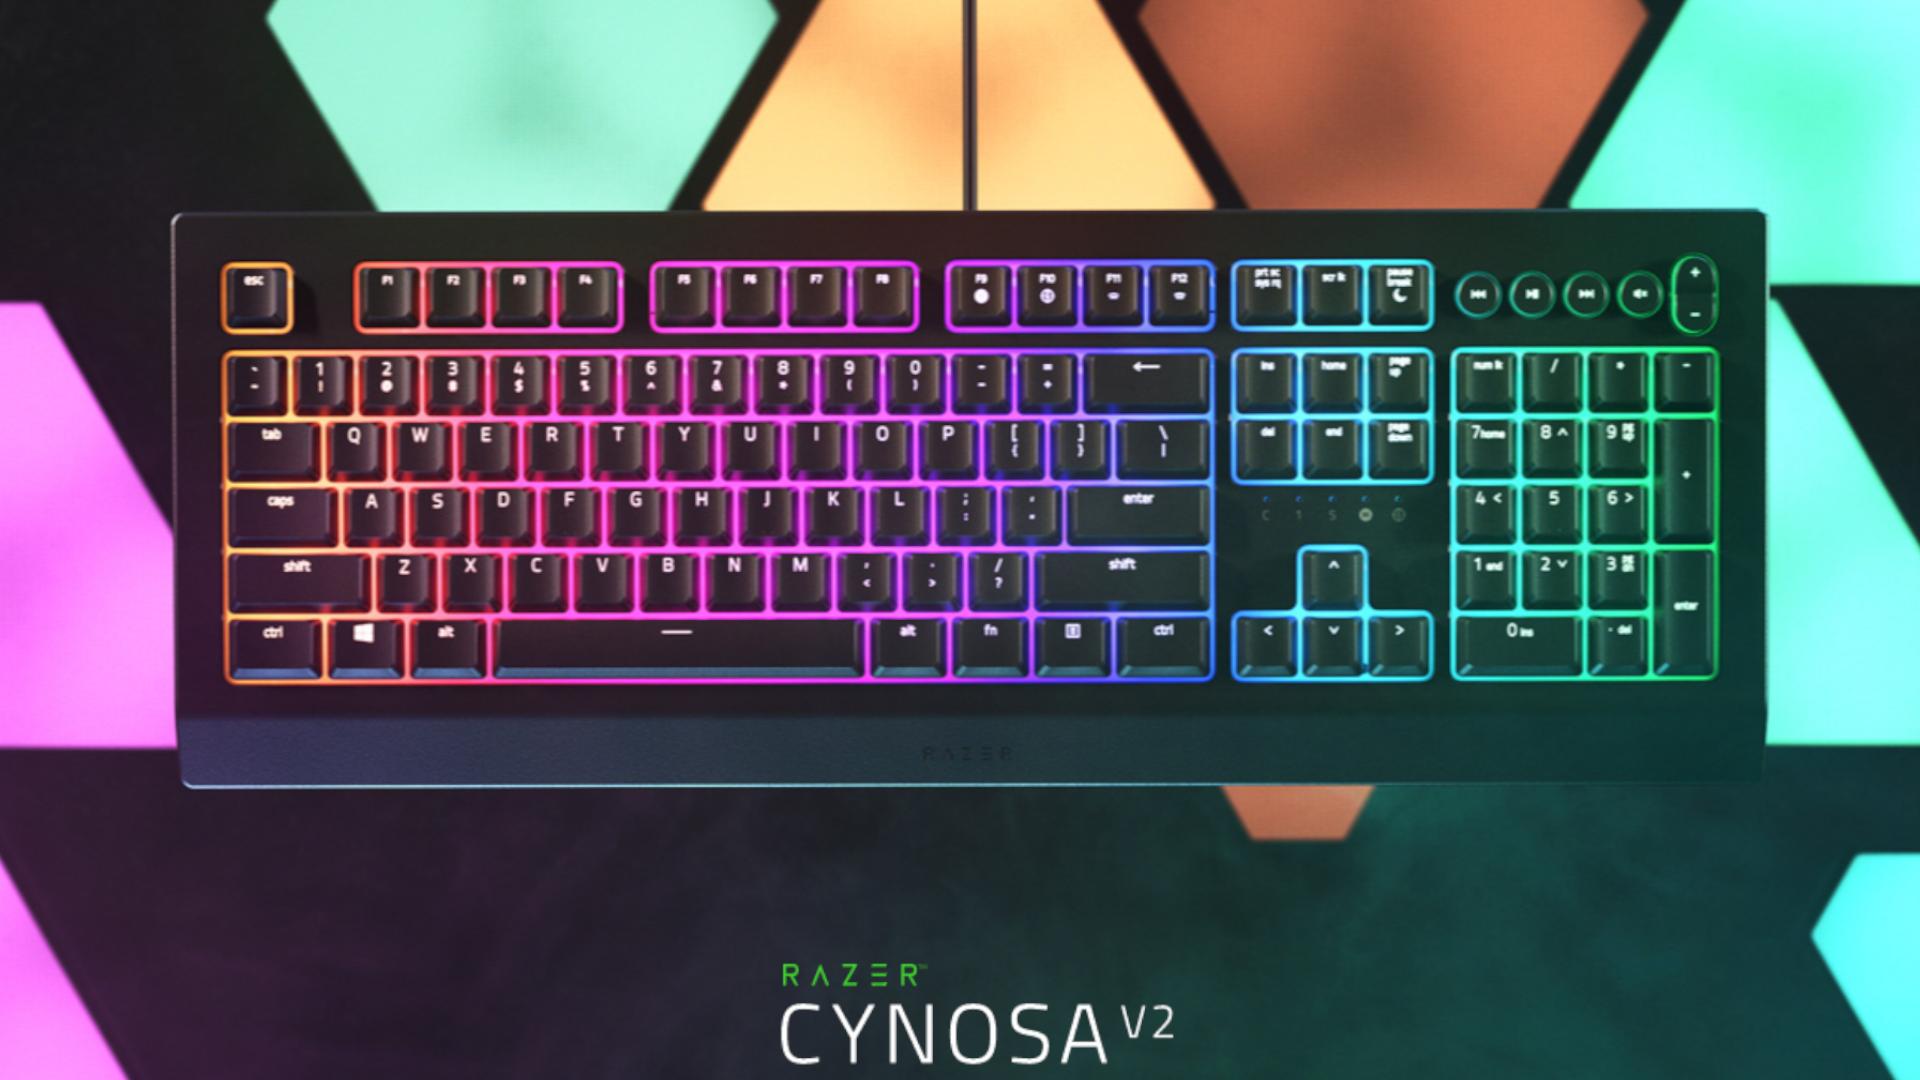 Razer Cynosa Chroma V2 é um teclado gamer de membrana e preço mais acessível para a marca (Foto: Divulgação/Razer)